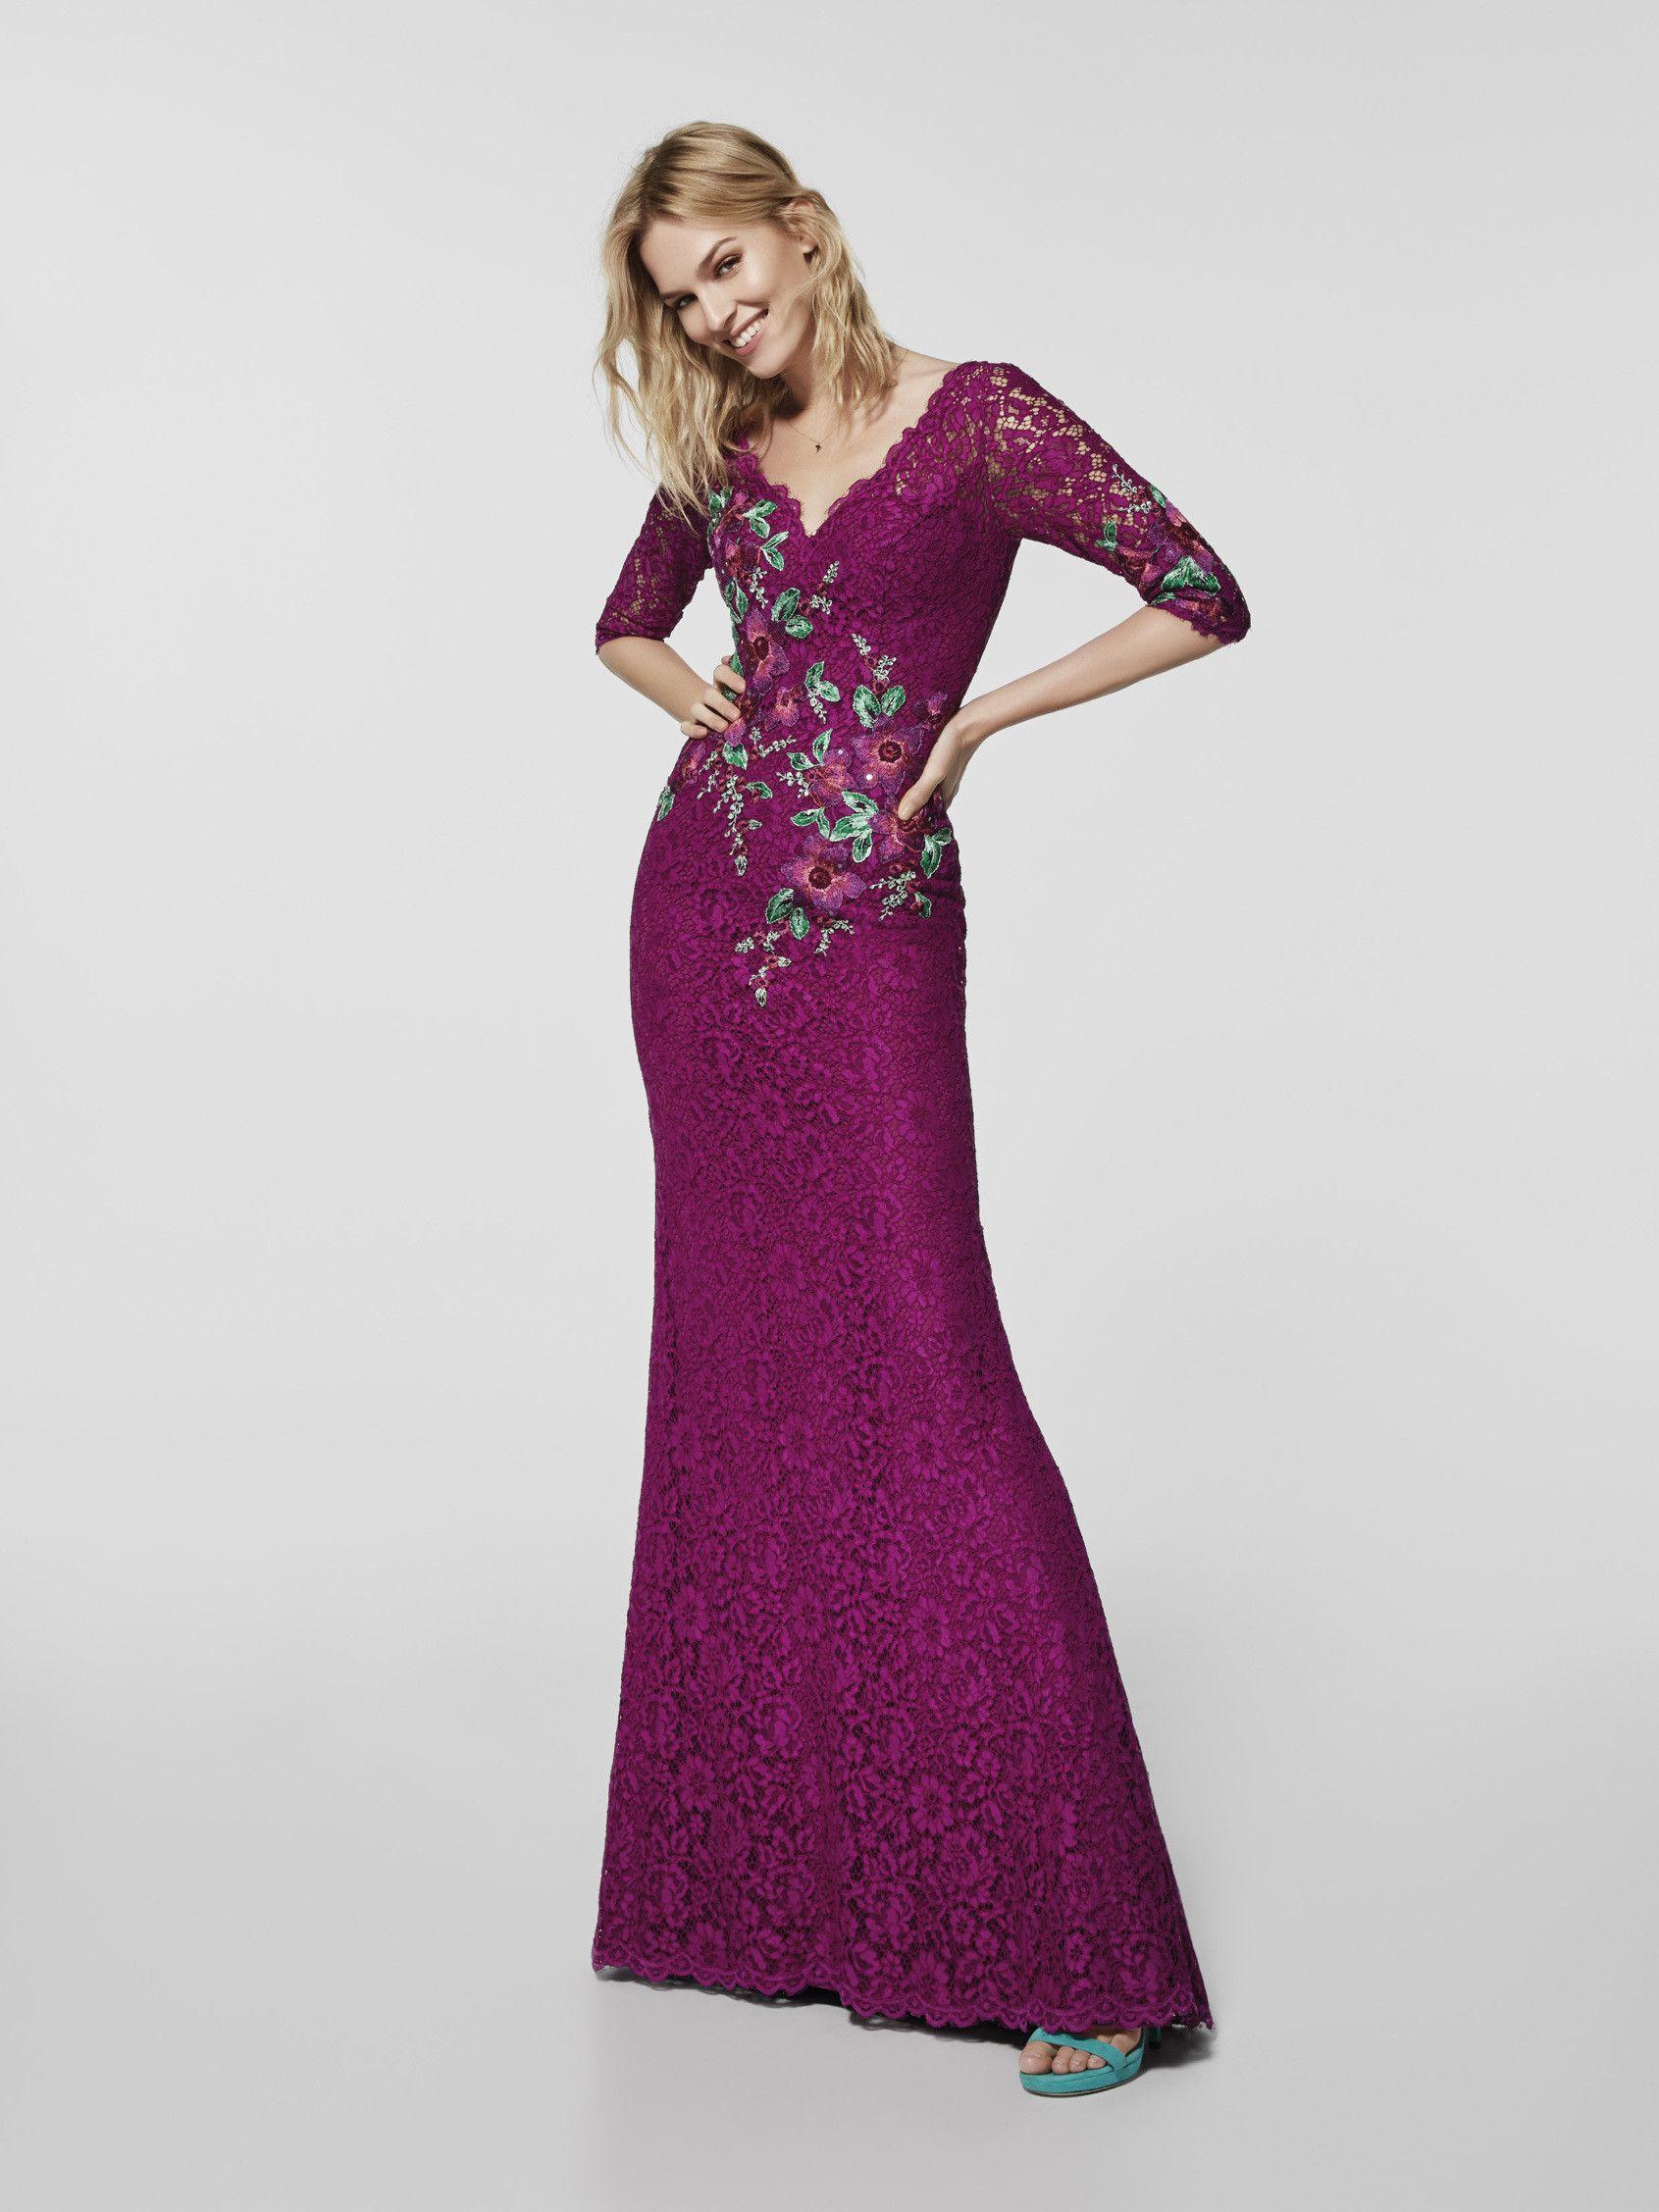 Está à procura de um vestido de festa? Este é um vestido comprido ...